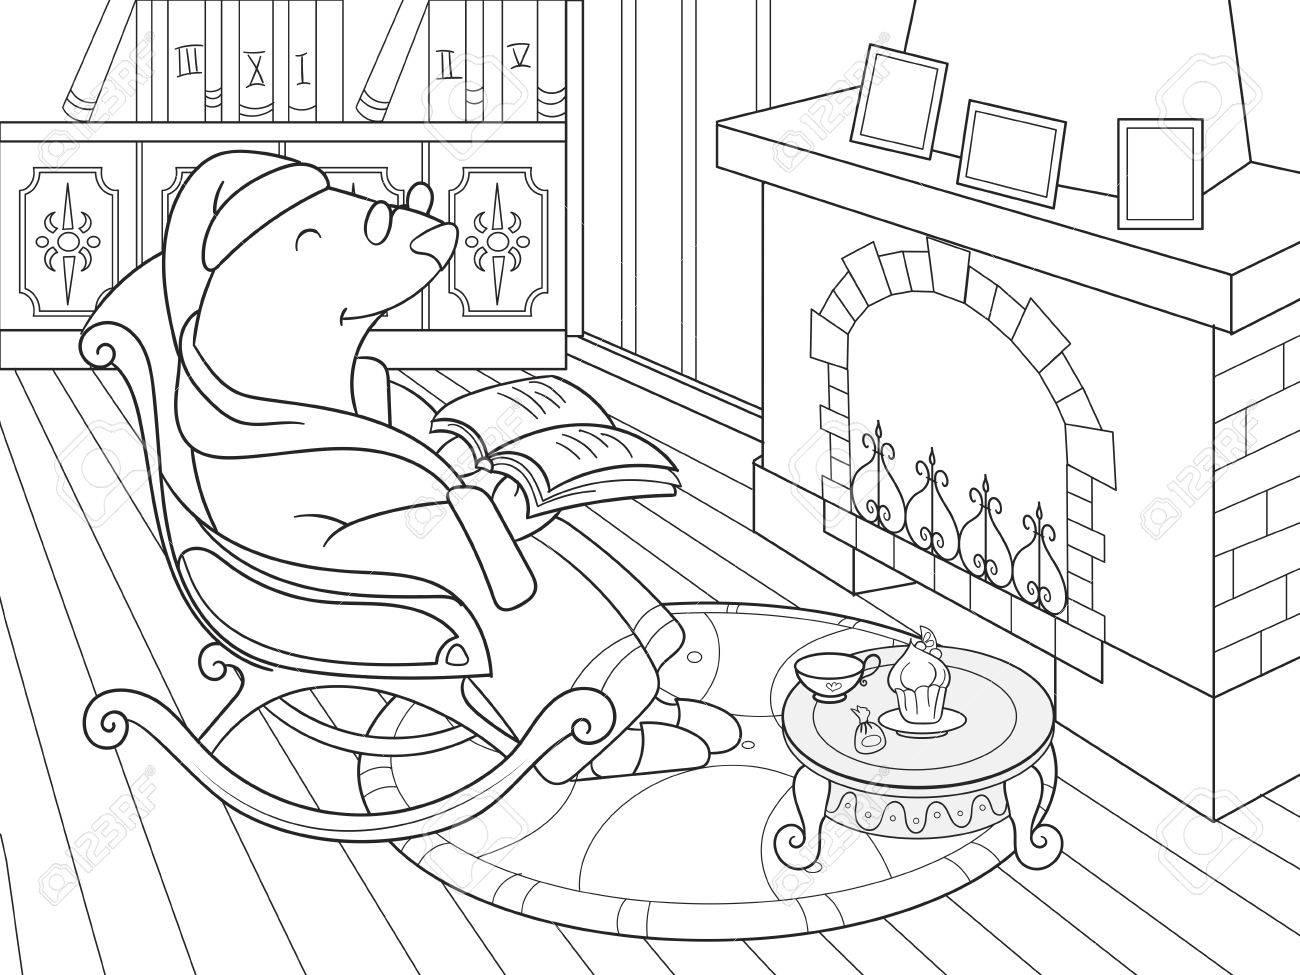 Abuelo Mole En Su Propia Casa En La Biblioteca Docenas De Libros Para Colorear Para Niños Ilustración Vectorial De Dibujos Animados Interior Blanco